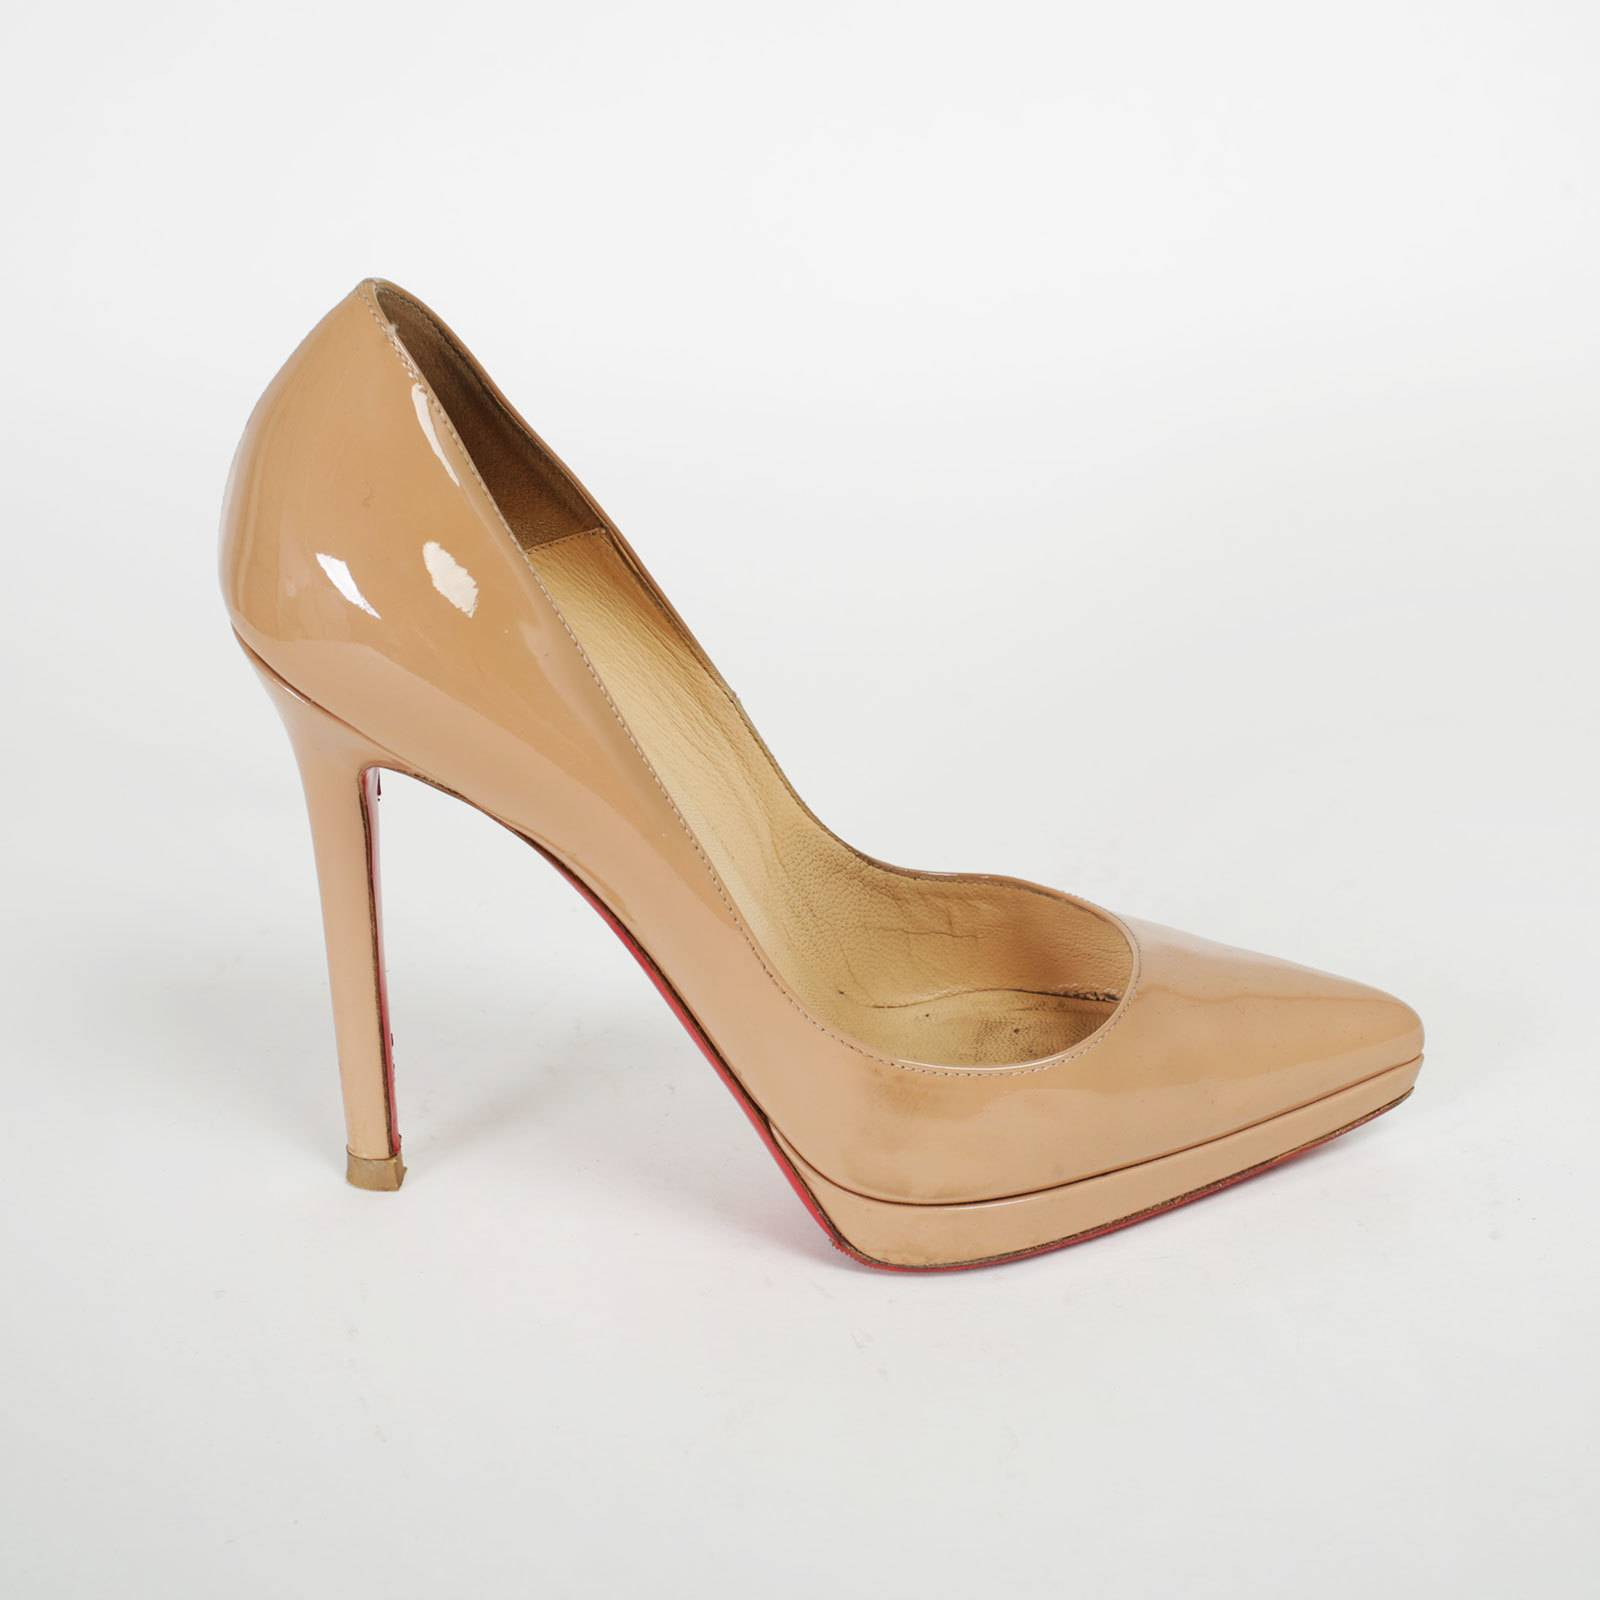 d1940d5a33b8 Купить туфли Christian Louboutin в Москве с доставкой по цене 7200 ...